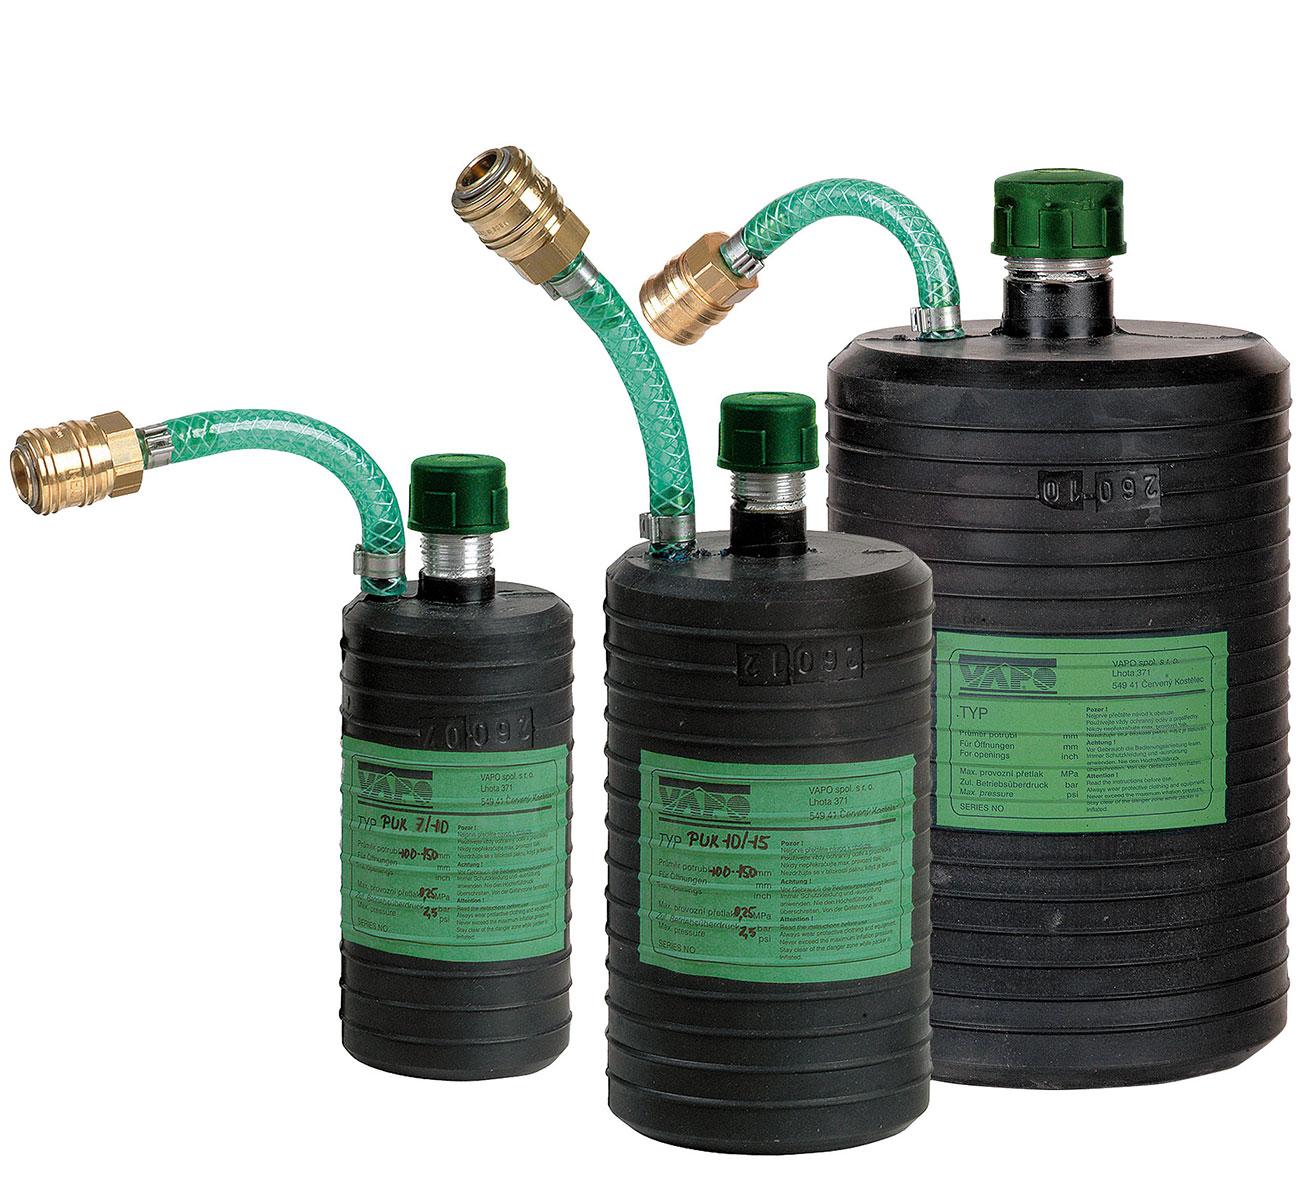 Kurze Durchgangs-Rohrdichtkissen PUK für beengte Verhältnisse 50 - 400 mm